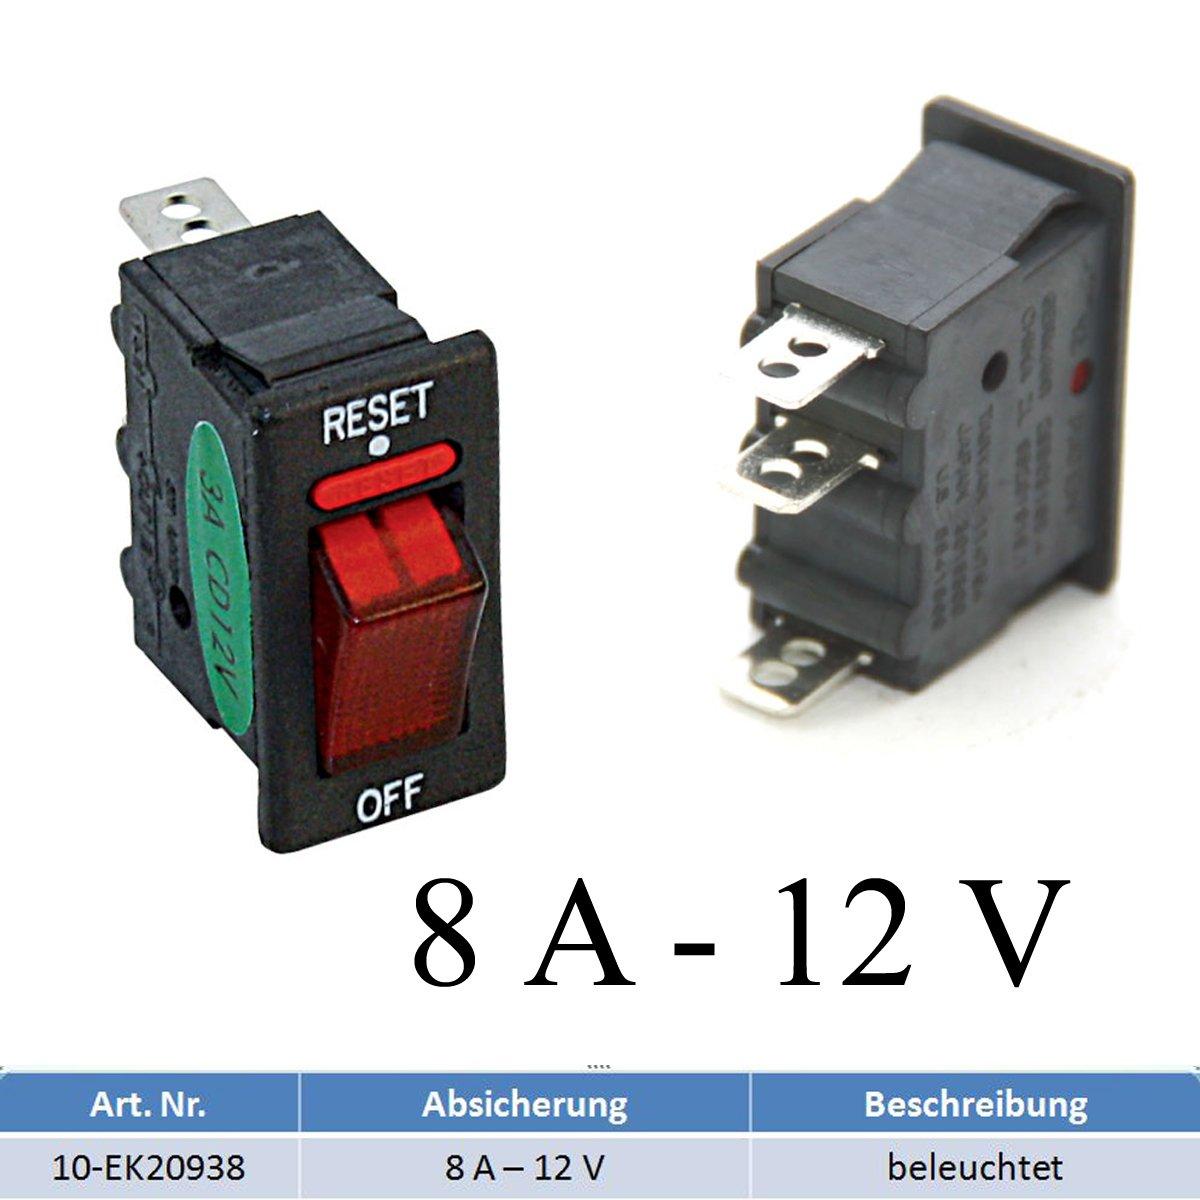 Sicherungsautomat Schutzschalter 12 Volt / 8 Ampere mit Beleuchtung bootsshop in Bad Ischl